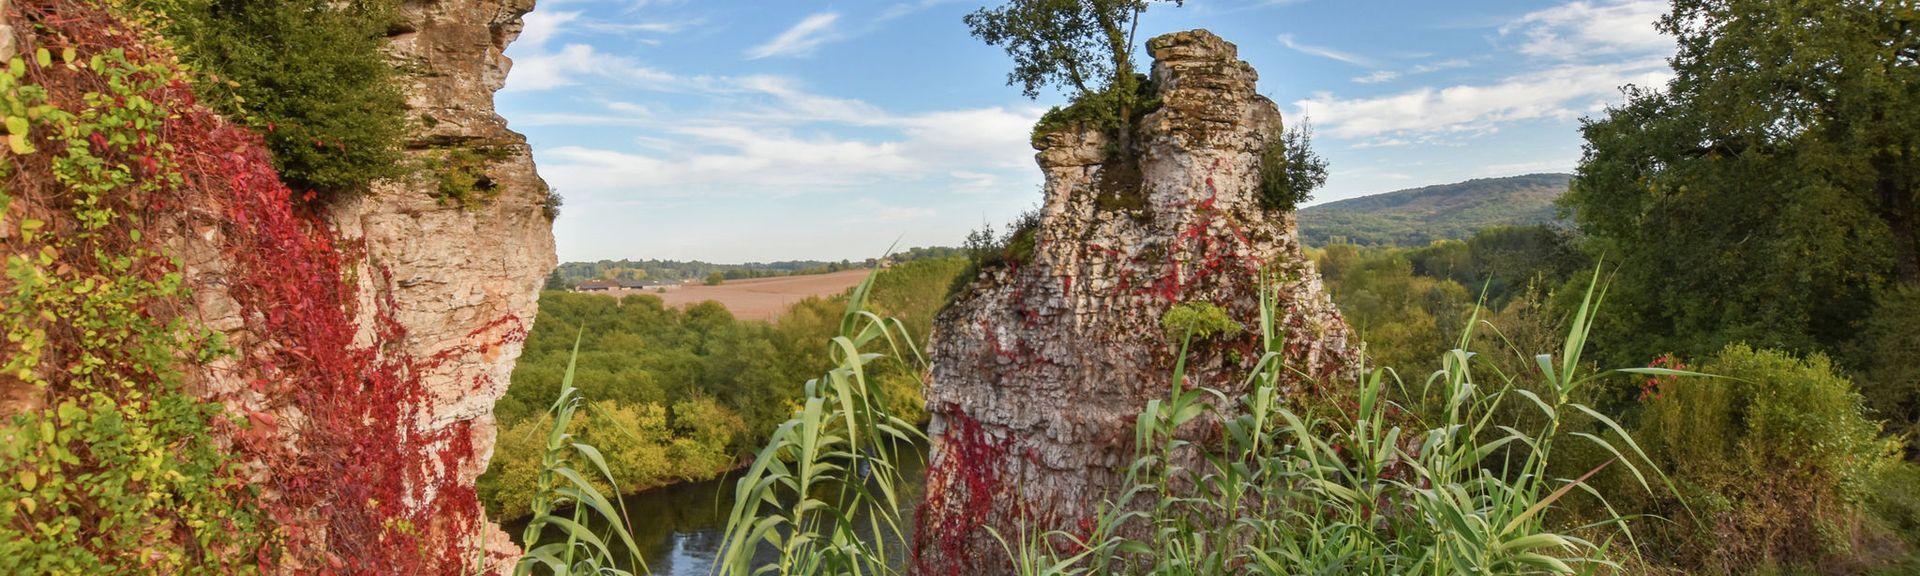 Saint-Andre-d'Allas, Dordogne, France